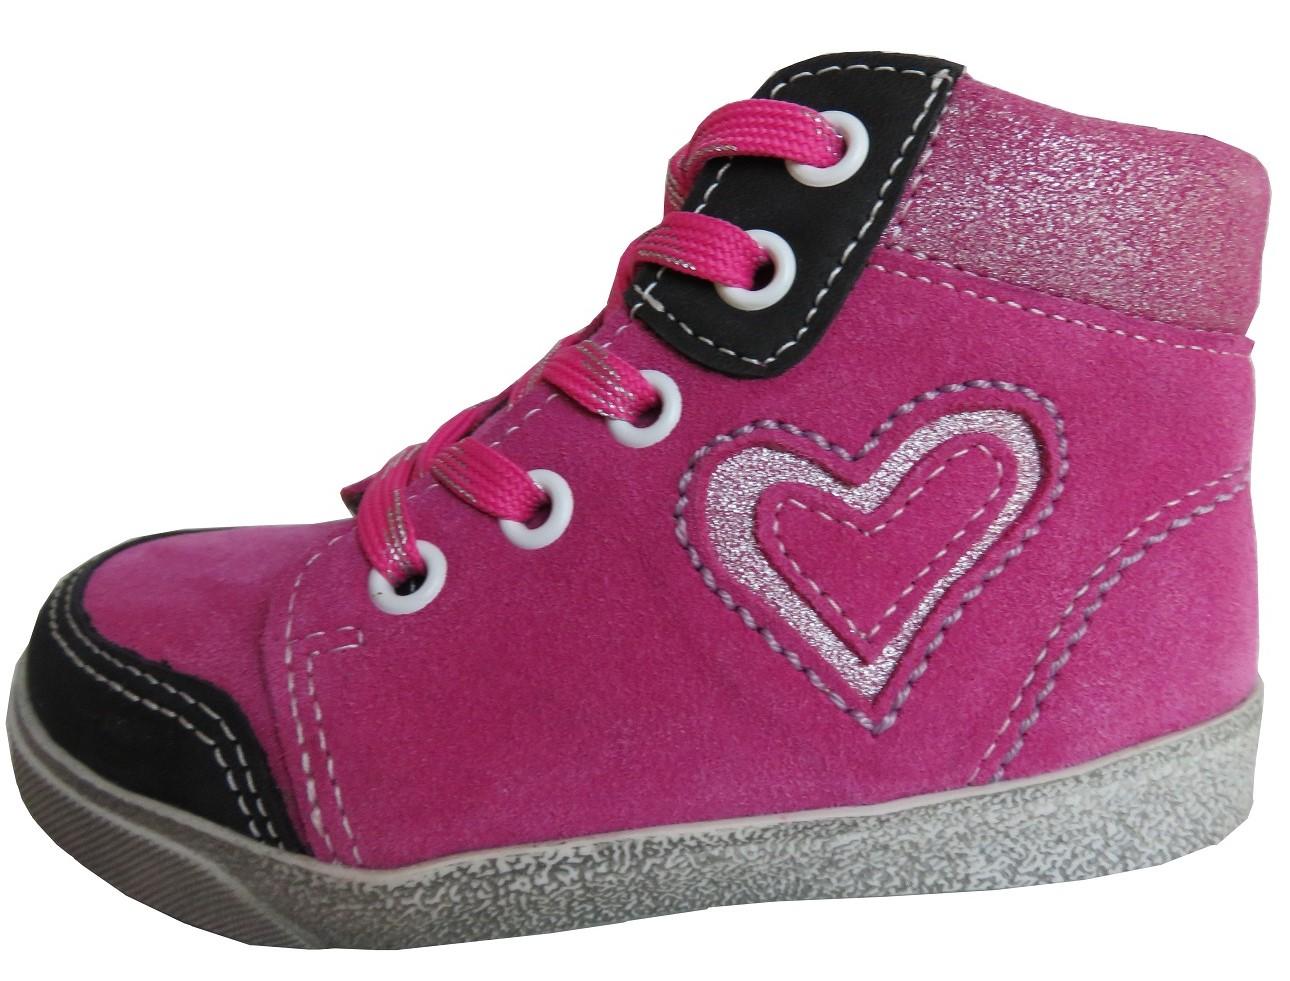 Dětské celoroční boty Jonap 052 růžové Velikost: 23 (EU)